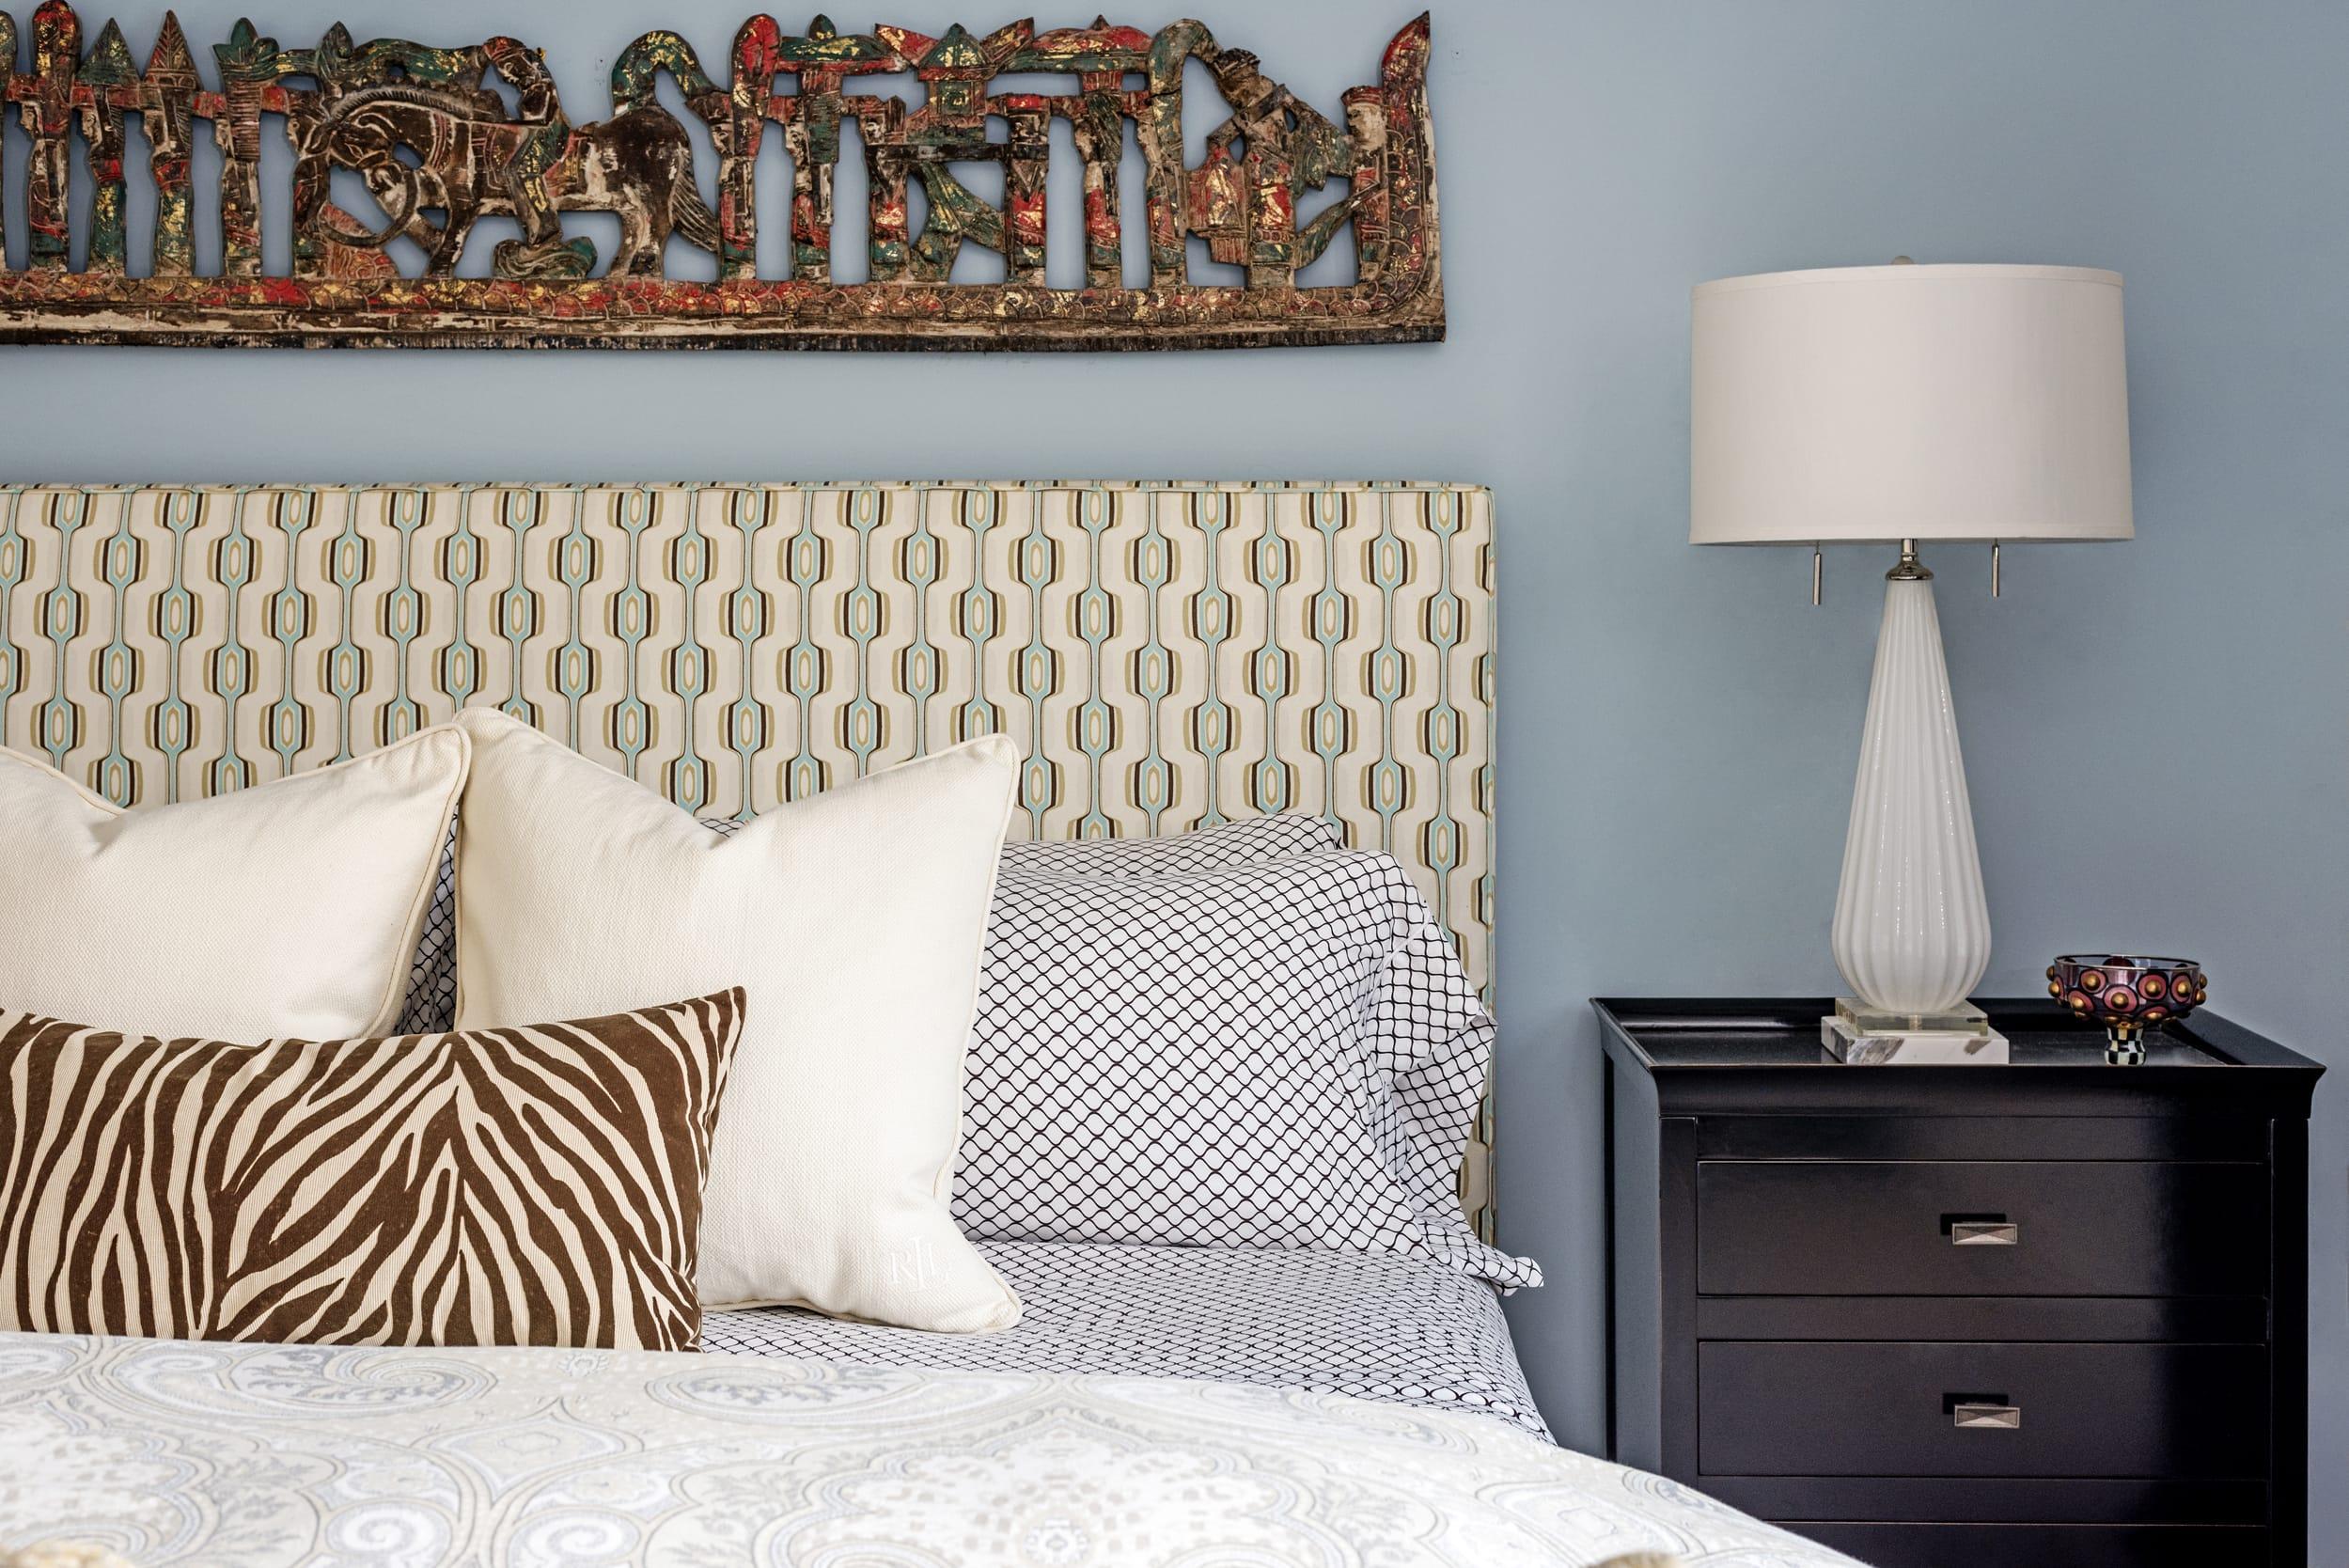 Zebra Skin Pillow Bed Vignette White Lamp Shade Gloss Black Bedside Cabinet